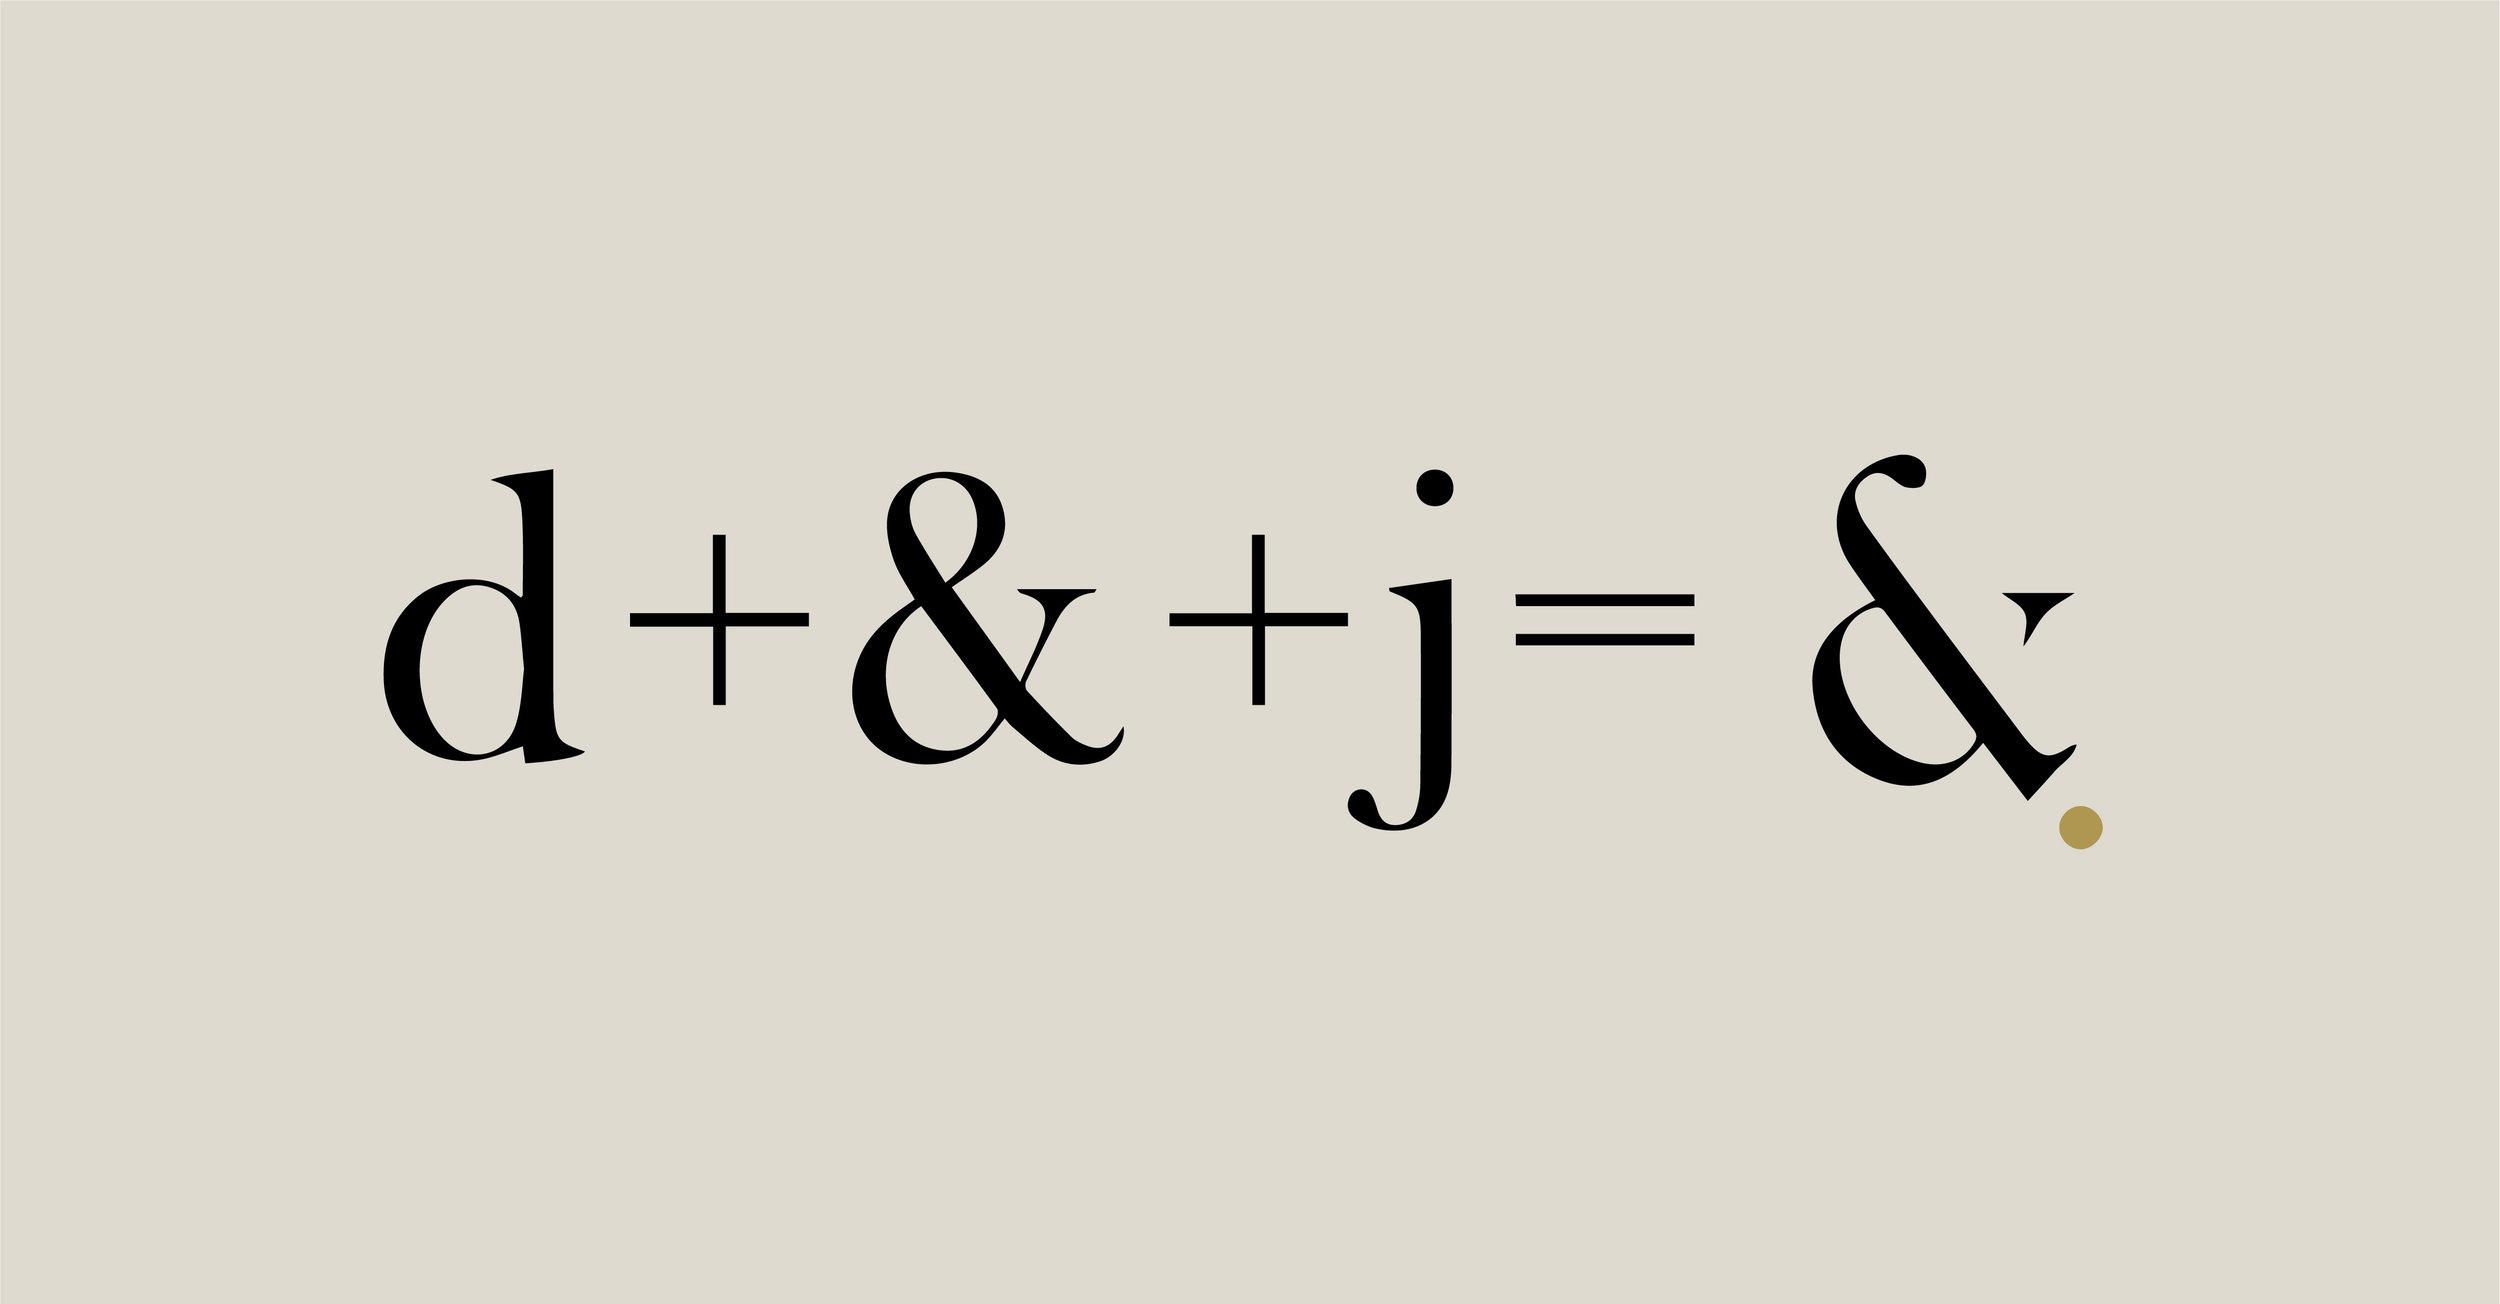 Logo design - Intet er overladt til tilfældighederne hos dahl & juul - Interiør. Dette afspejles også i vores logo hvor forbogstaverne